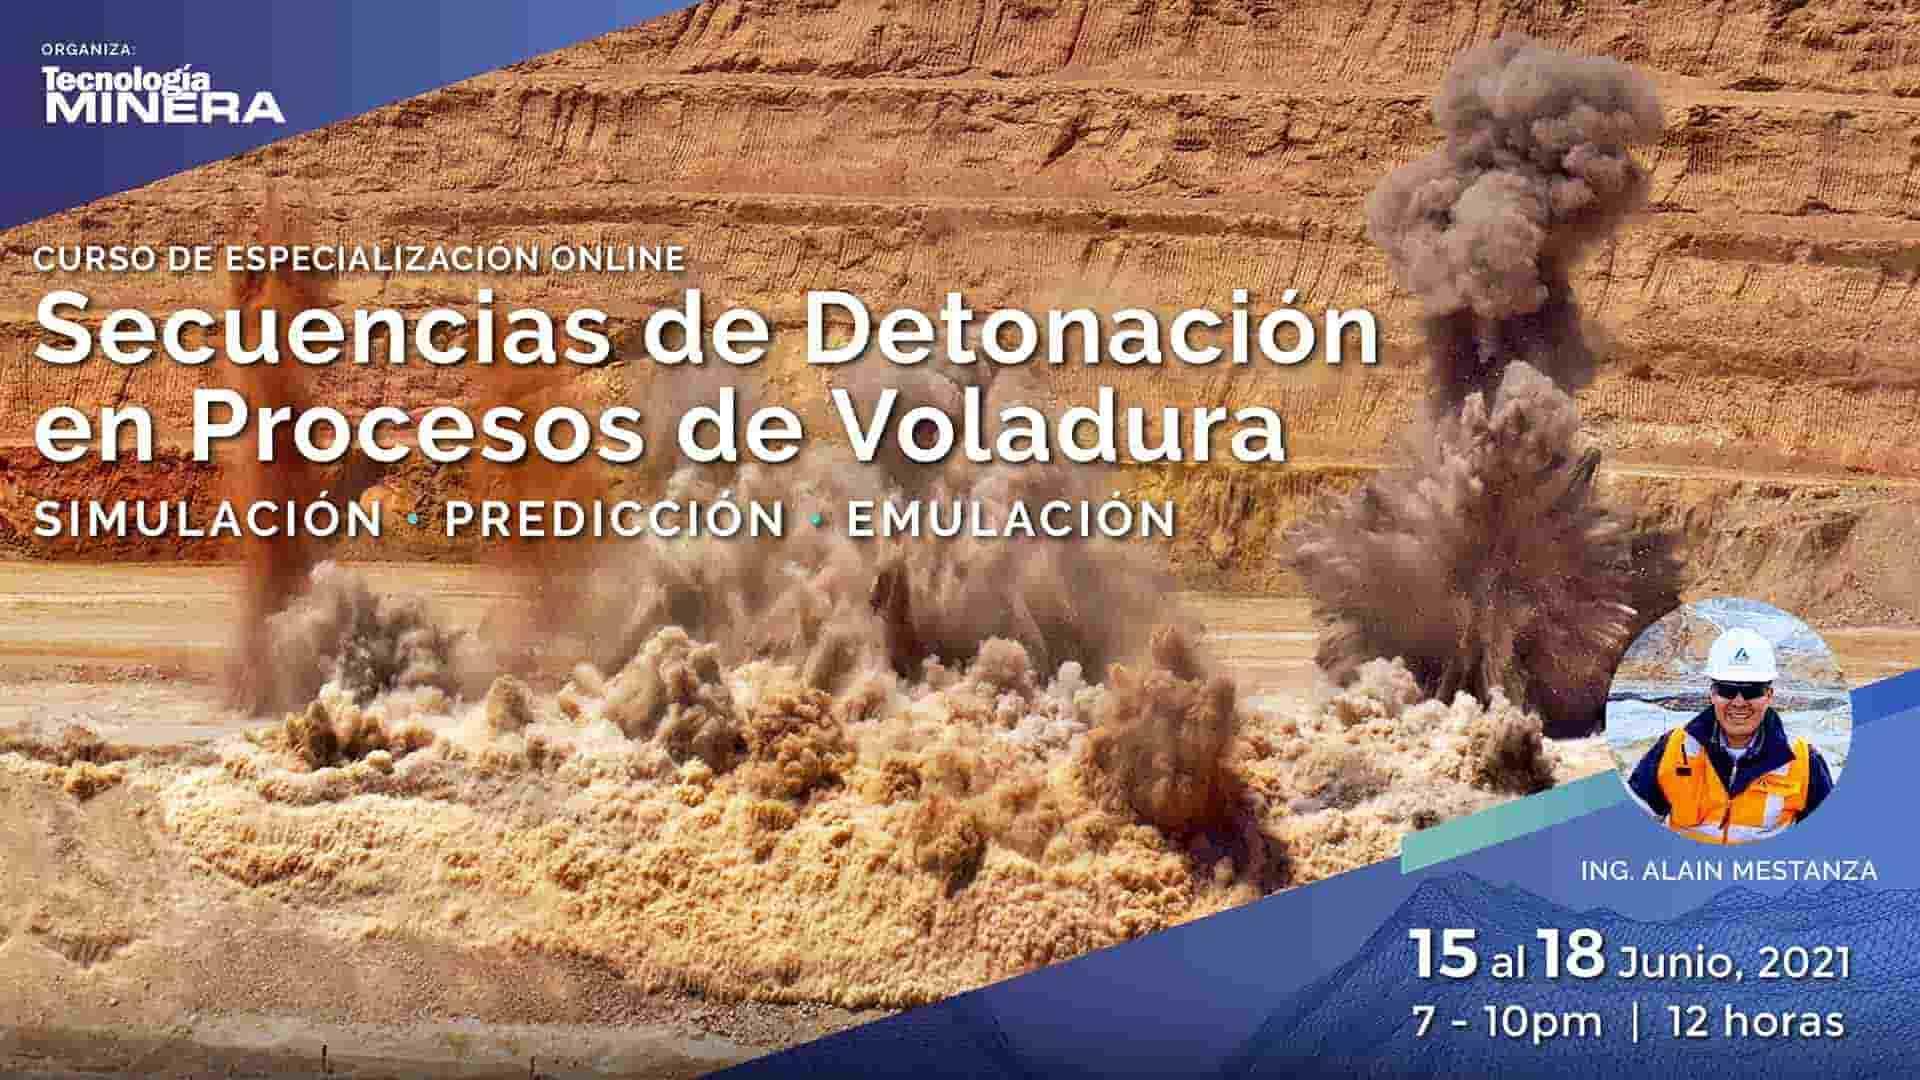 Secuencias de Detonación en Procesos de Voladura. Simulación - Predicción - Emulación.